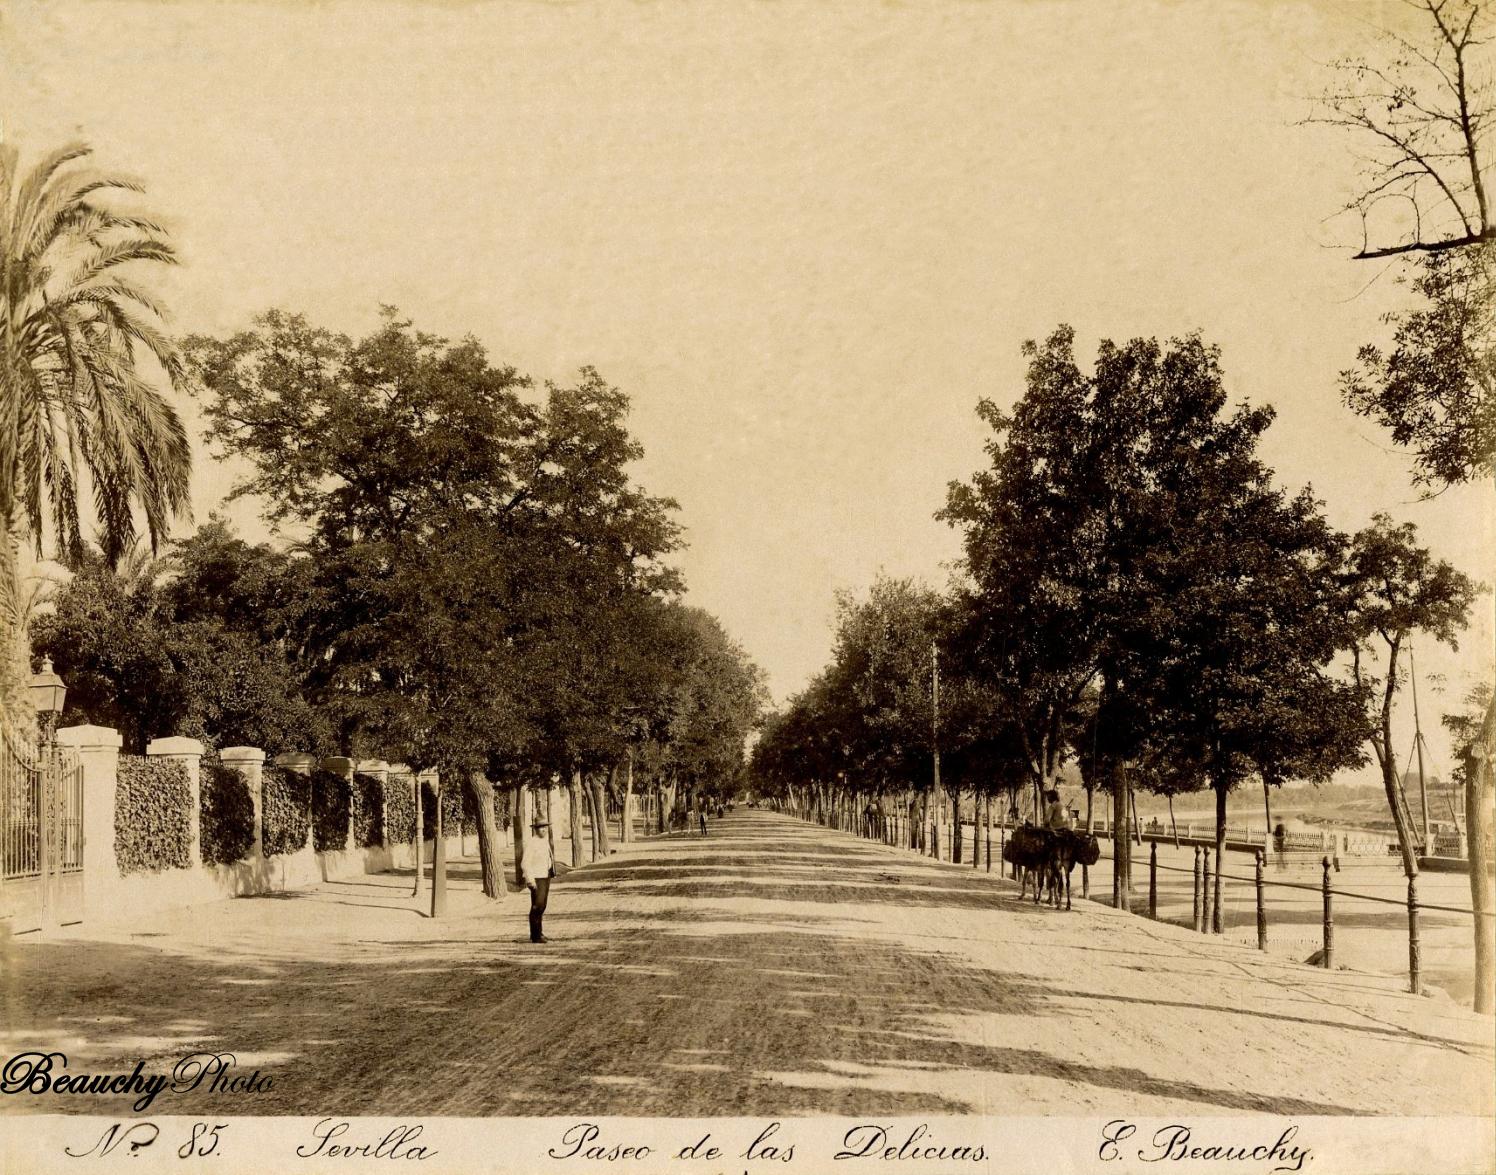 Beauchyphoto_Paseo_de_las_Delicias_5_Emilio_Beauchy_Cano_fotografias_antiguas_postales_vistas_y_monumentos